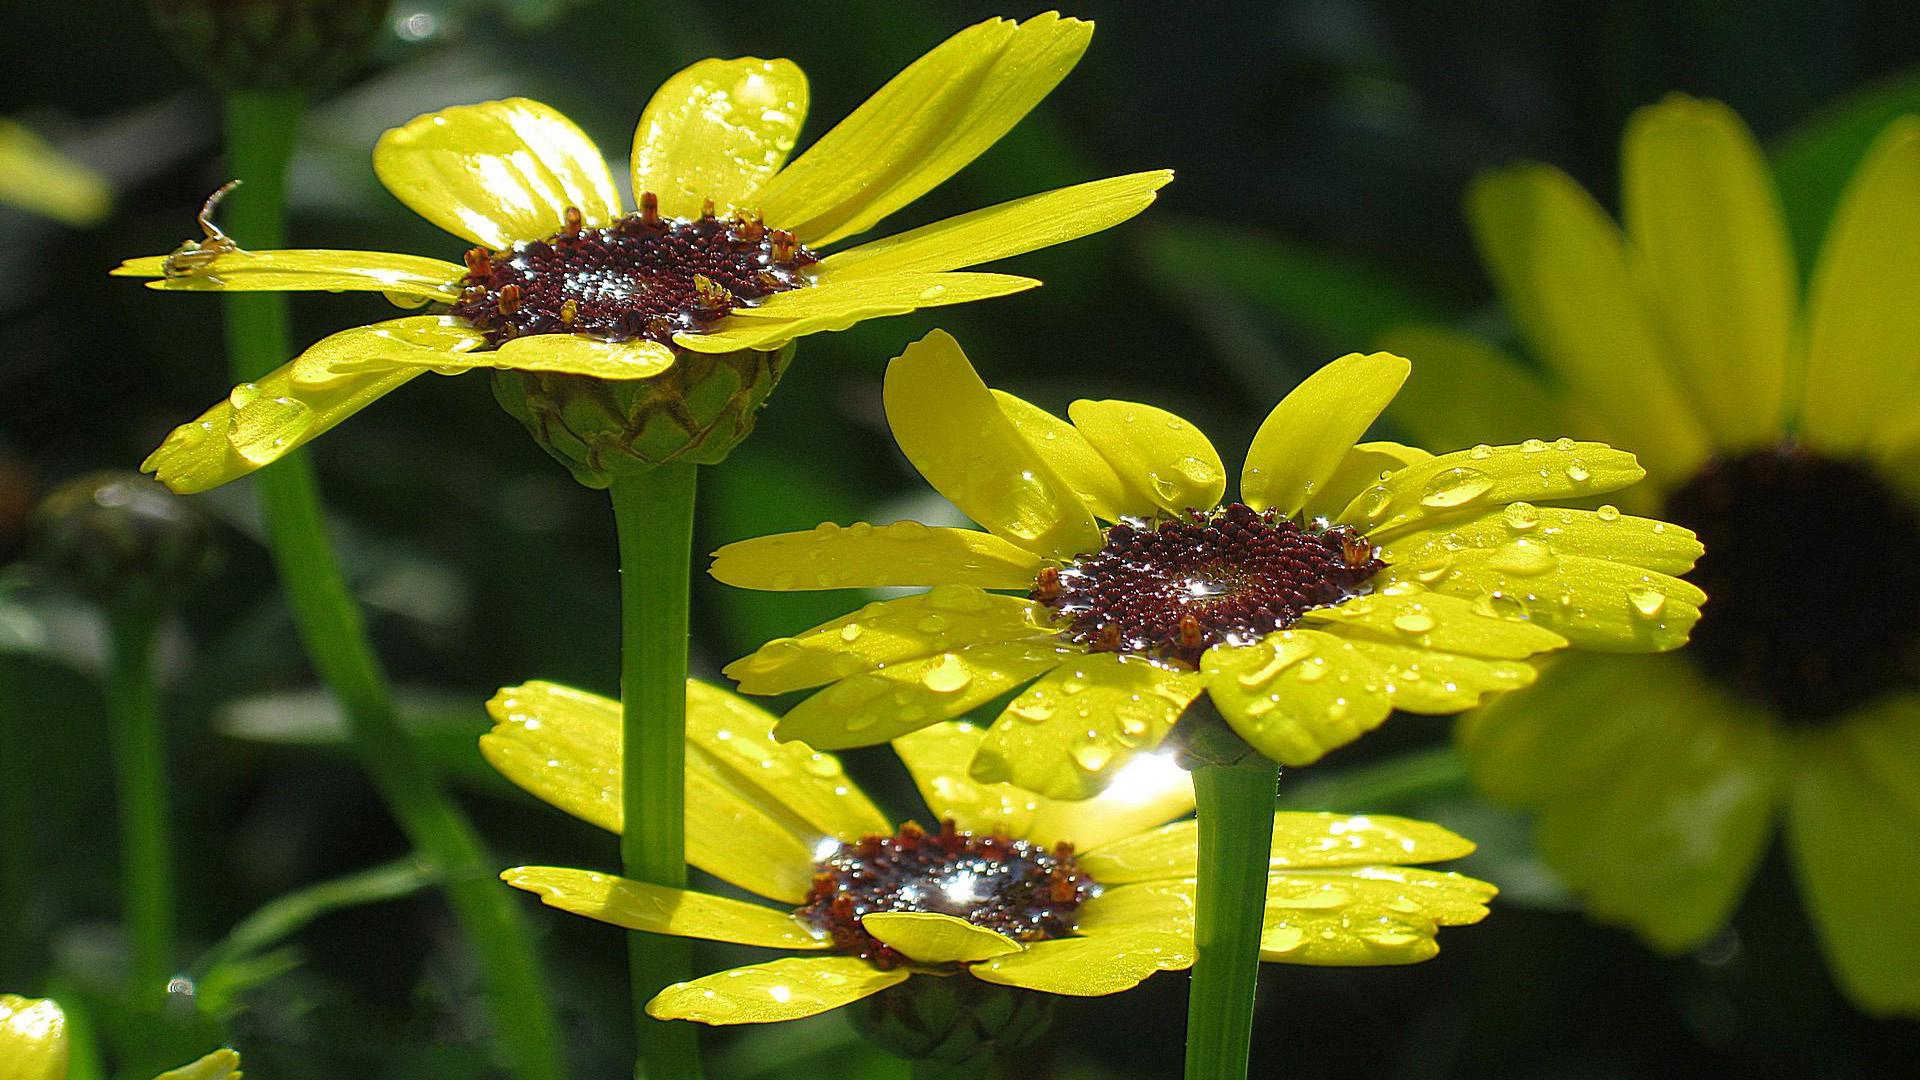 Обои на рабочий стол Цветы хризантемы   подборка (18)